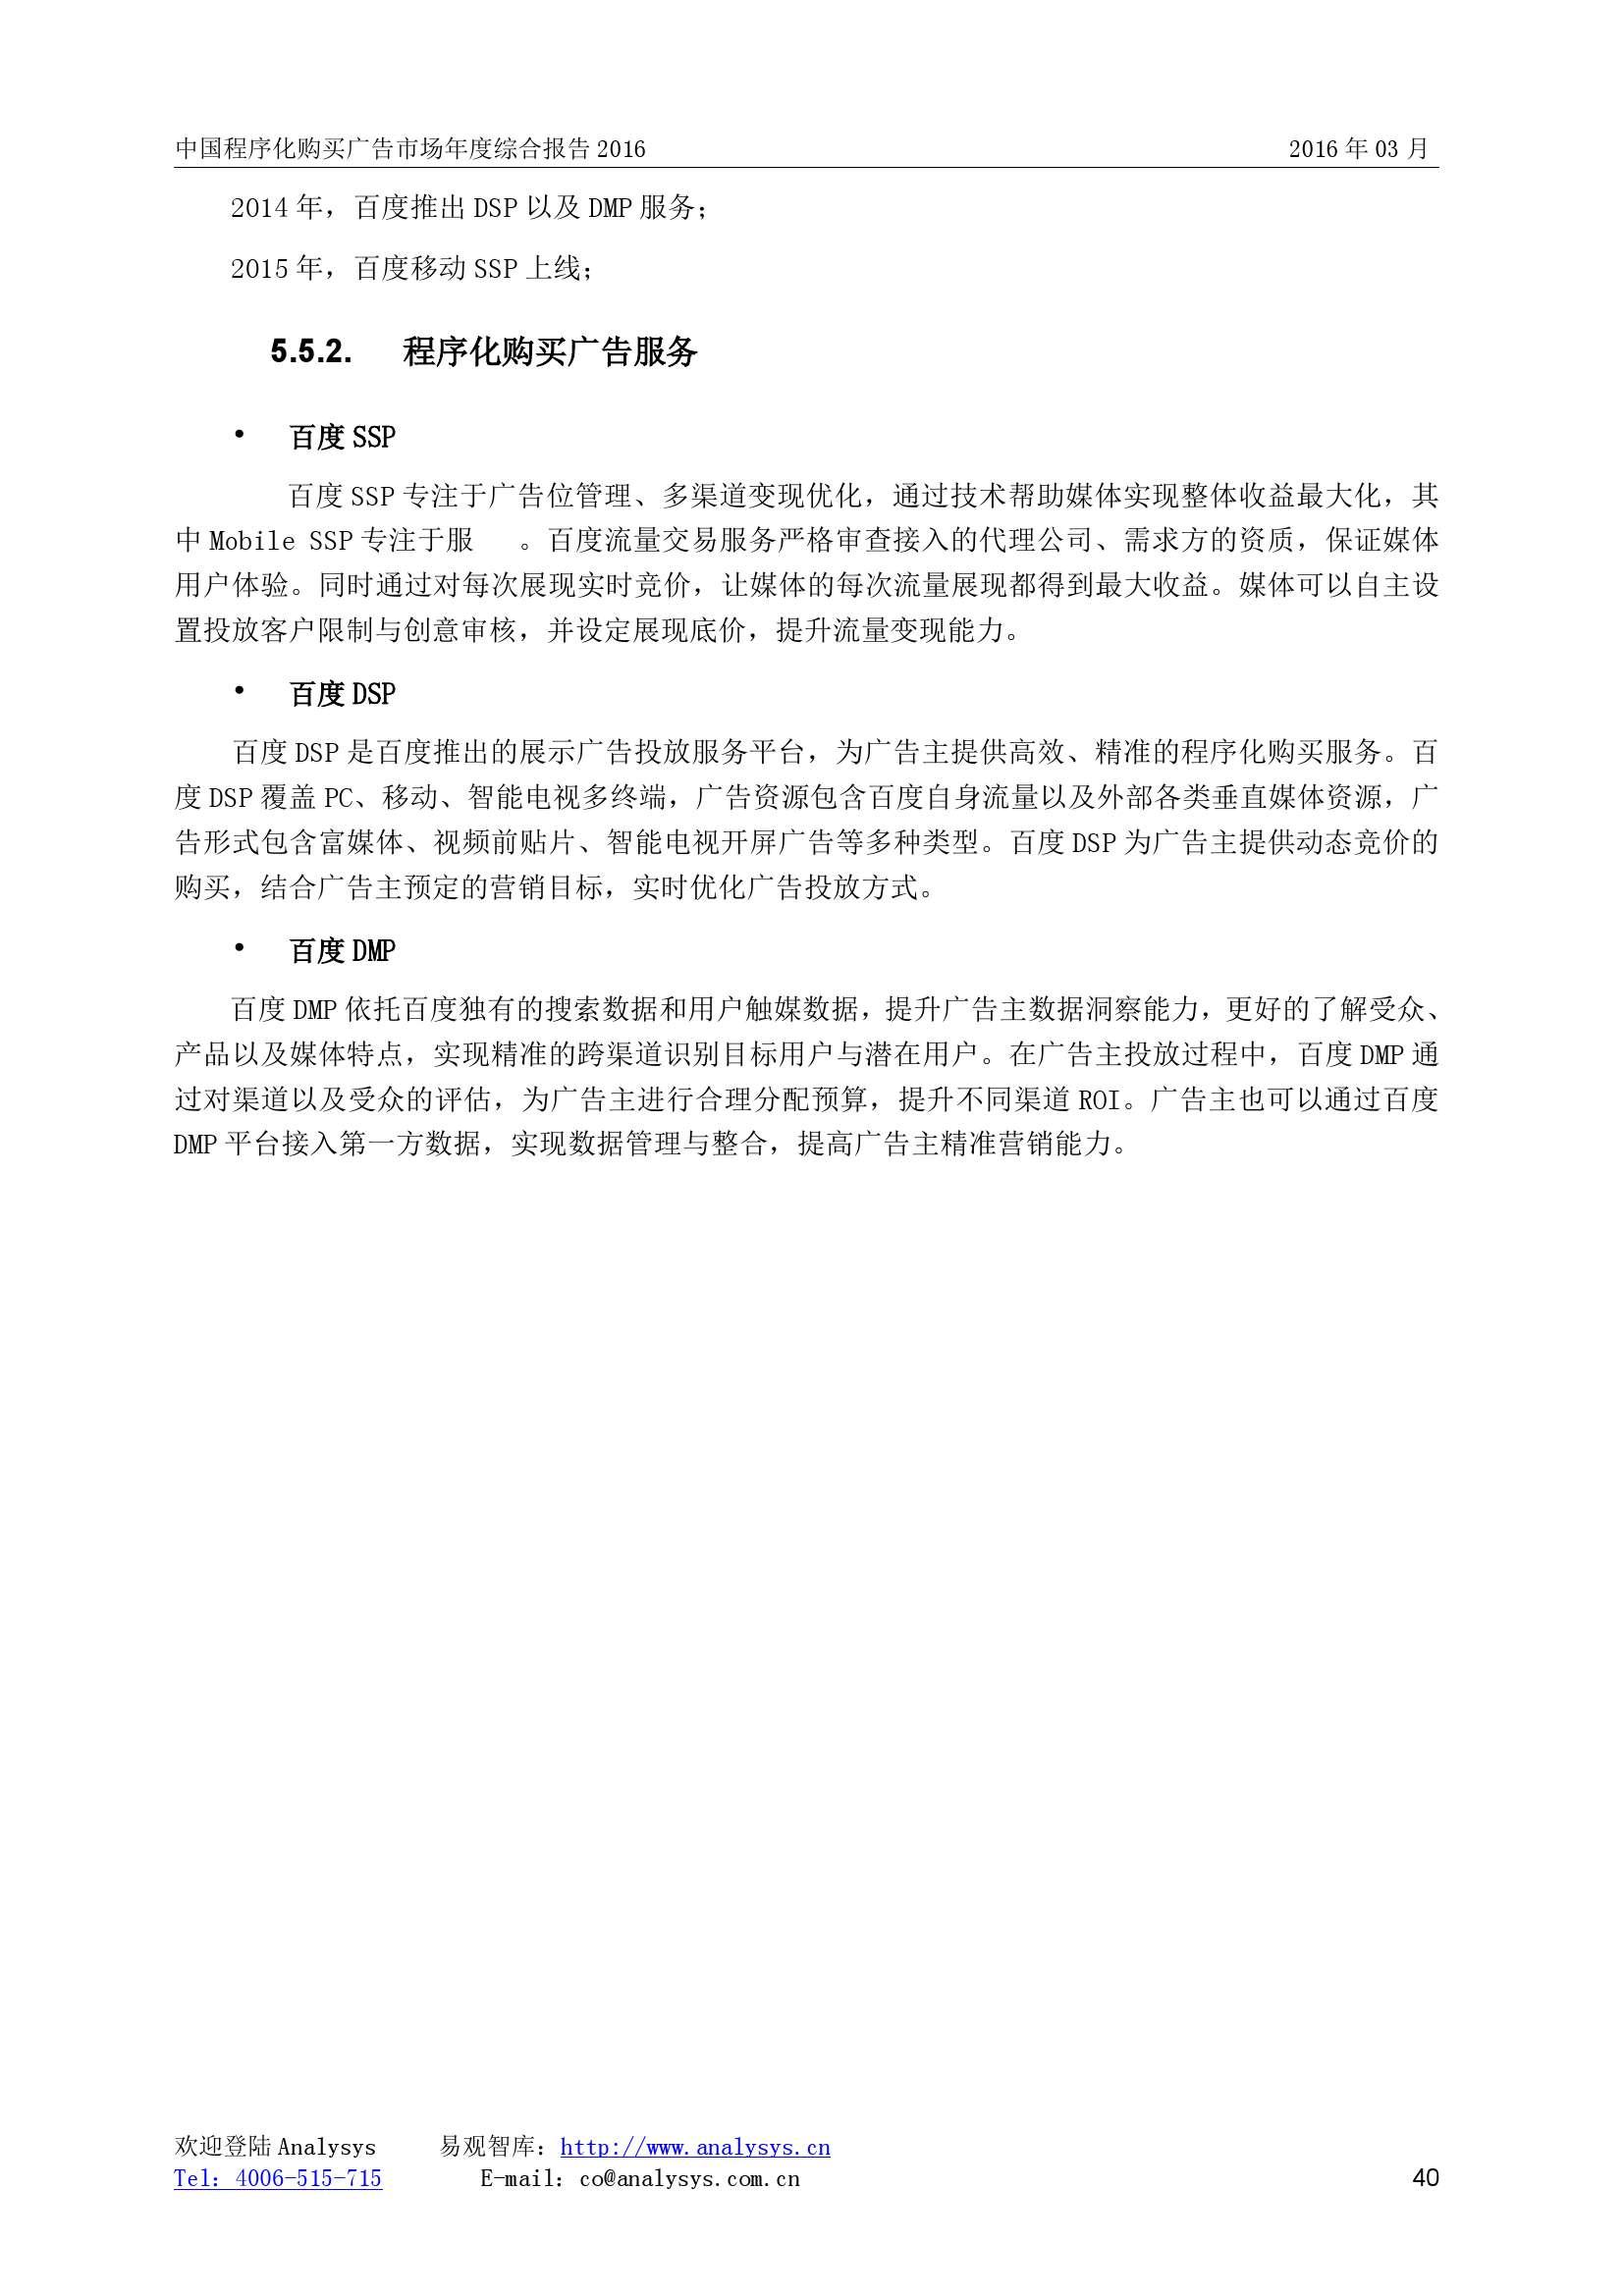 中国程序化购买广告市场年度综合报告2016_000040